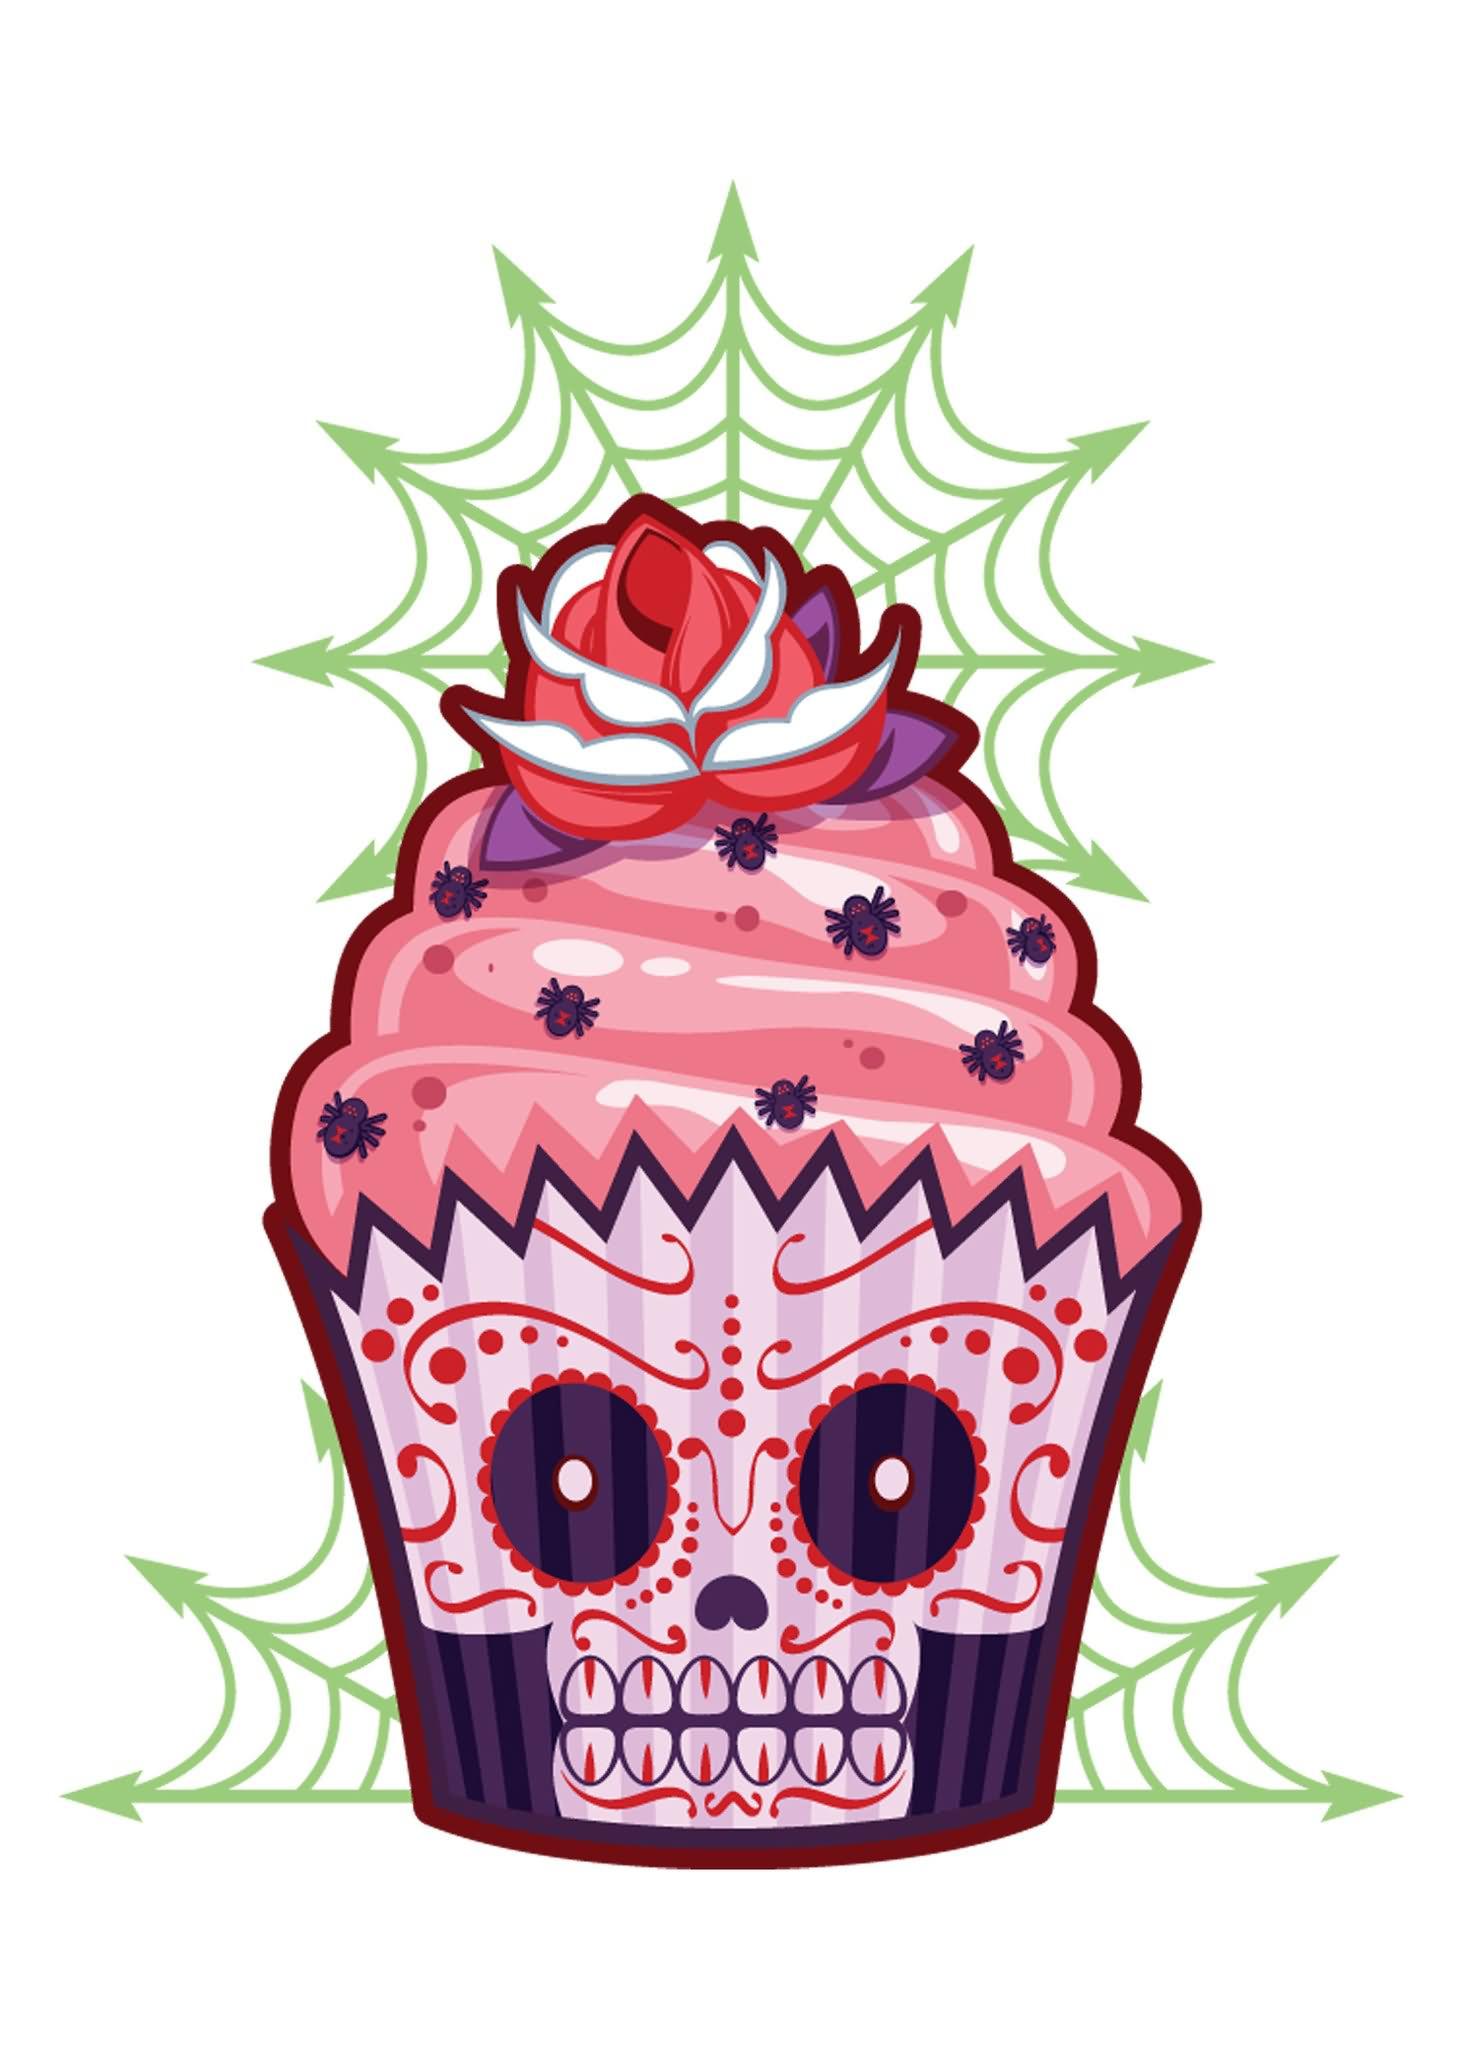 Sugar Sketch Cake Design : 7+ Cake Tattoo Designs And Ideas